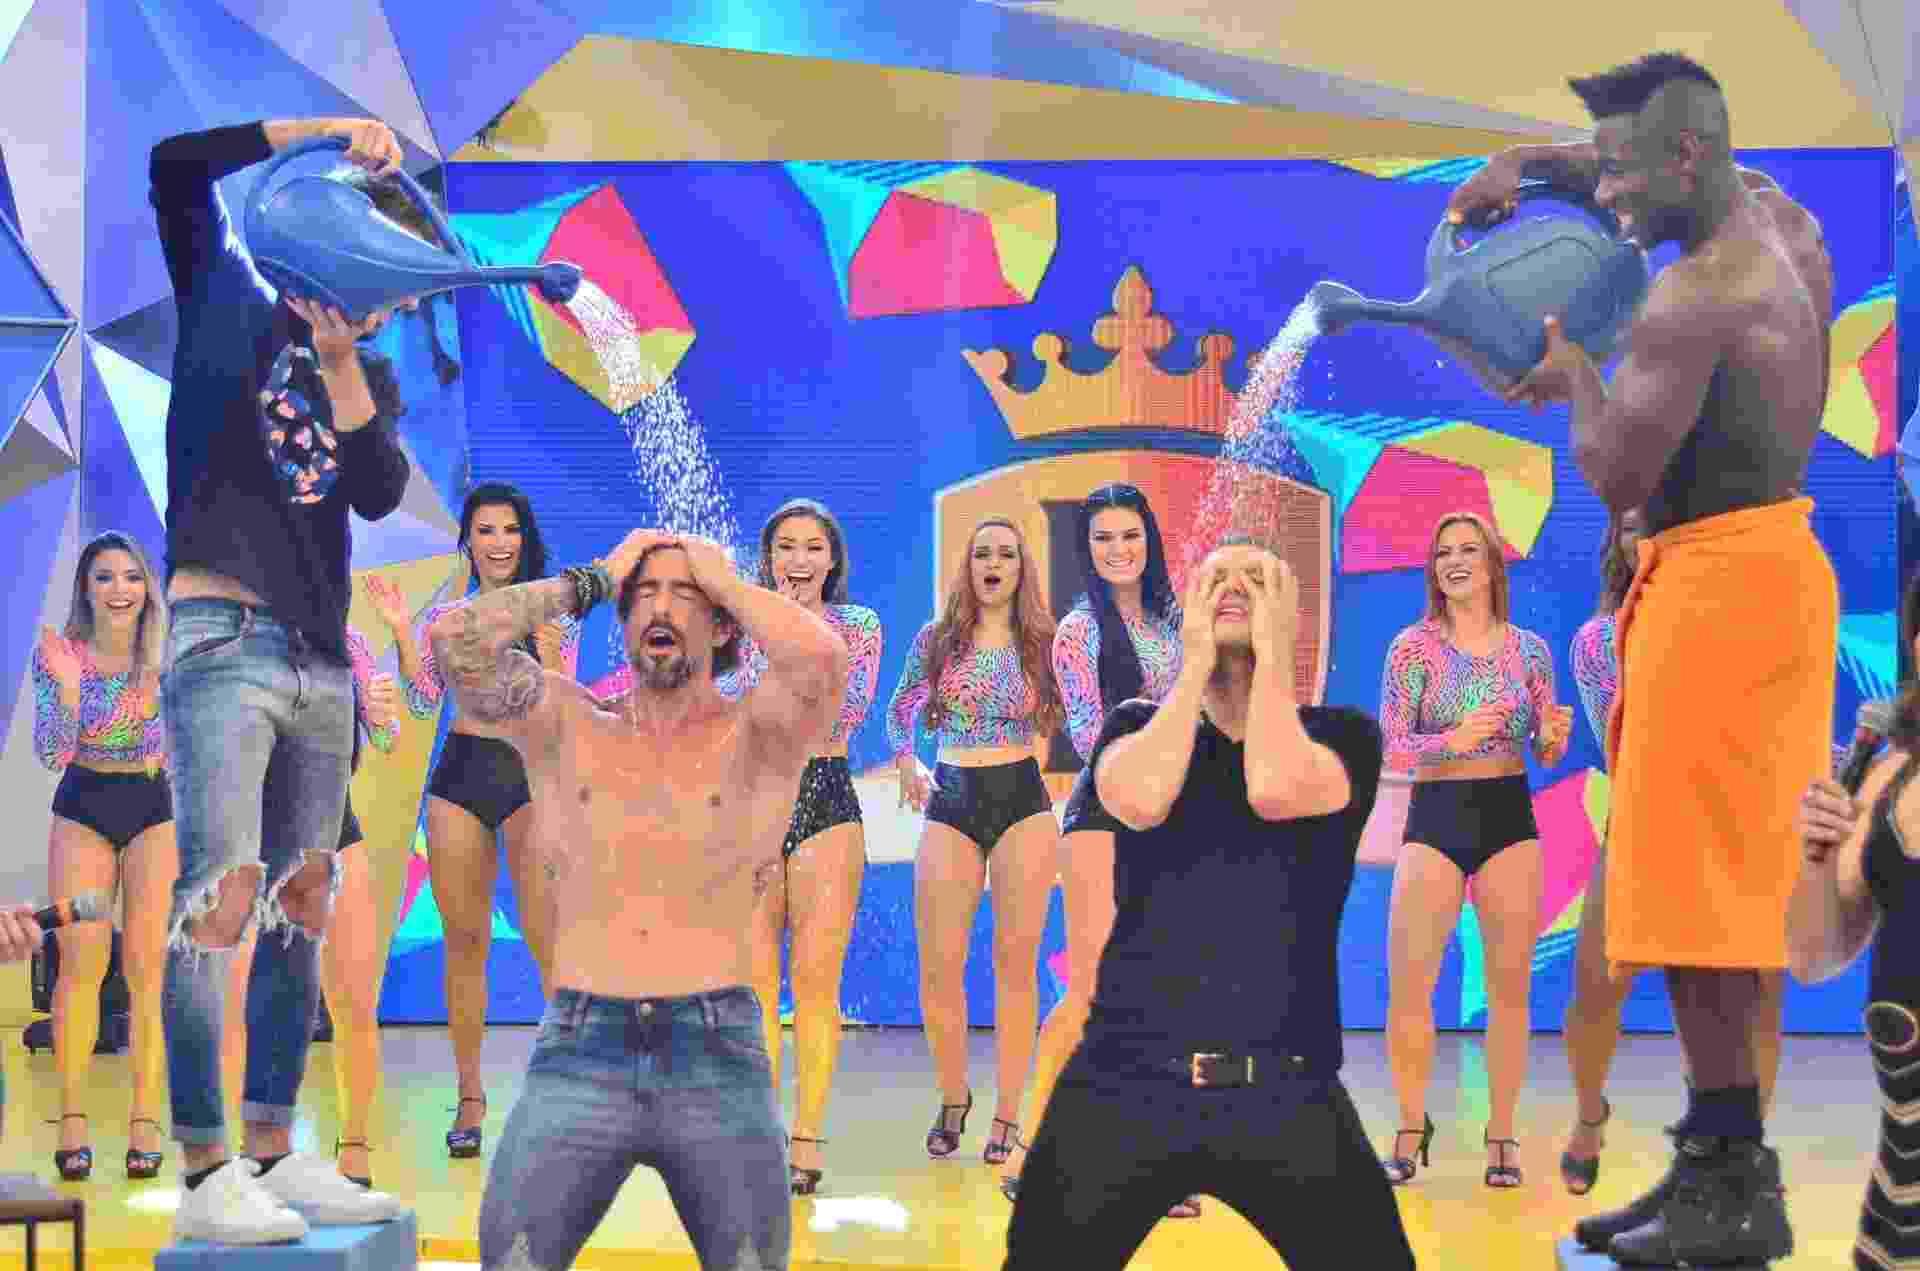 """12.jul.2016 - Marcos Mion sensualizou com Nick Carter, dos Backstreet Boys, em gravação do """"Legendários"""". O apresentador tirou a camisa, tomou banho de regador e lembrou o clipe """"Quit Playing Games"""", em que os cinco Backstreet Boys fazem caras e bocas na chuva. O programa com o cantor norte-americano irá ao ar em 30 de julho na Record - Antonio Chahestian/Record"""